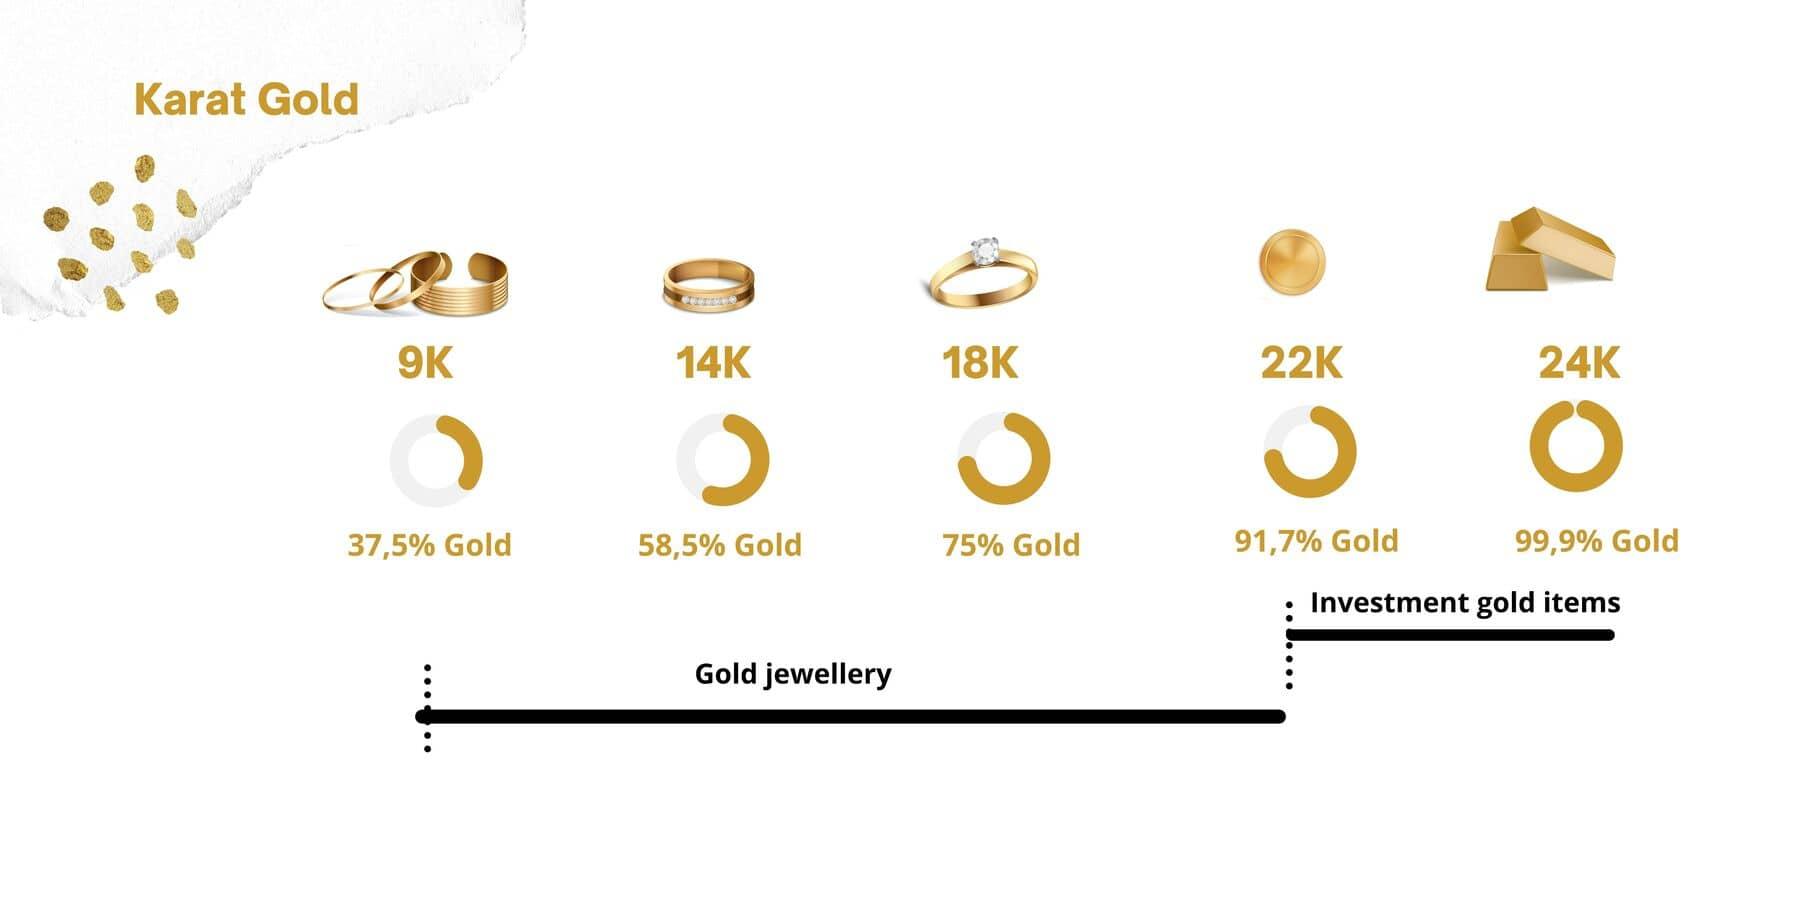 Gold Karat, Gold purity by karat